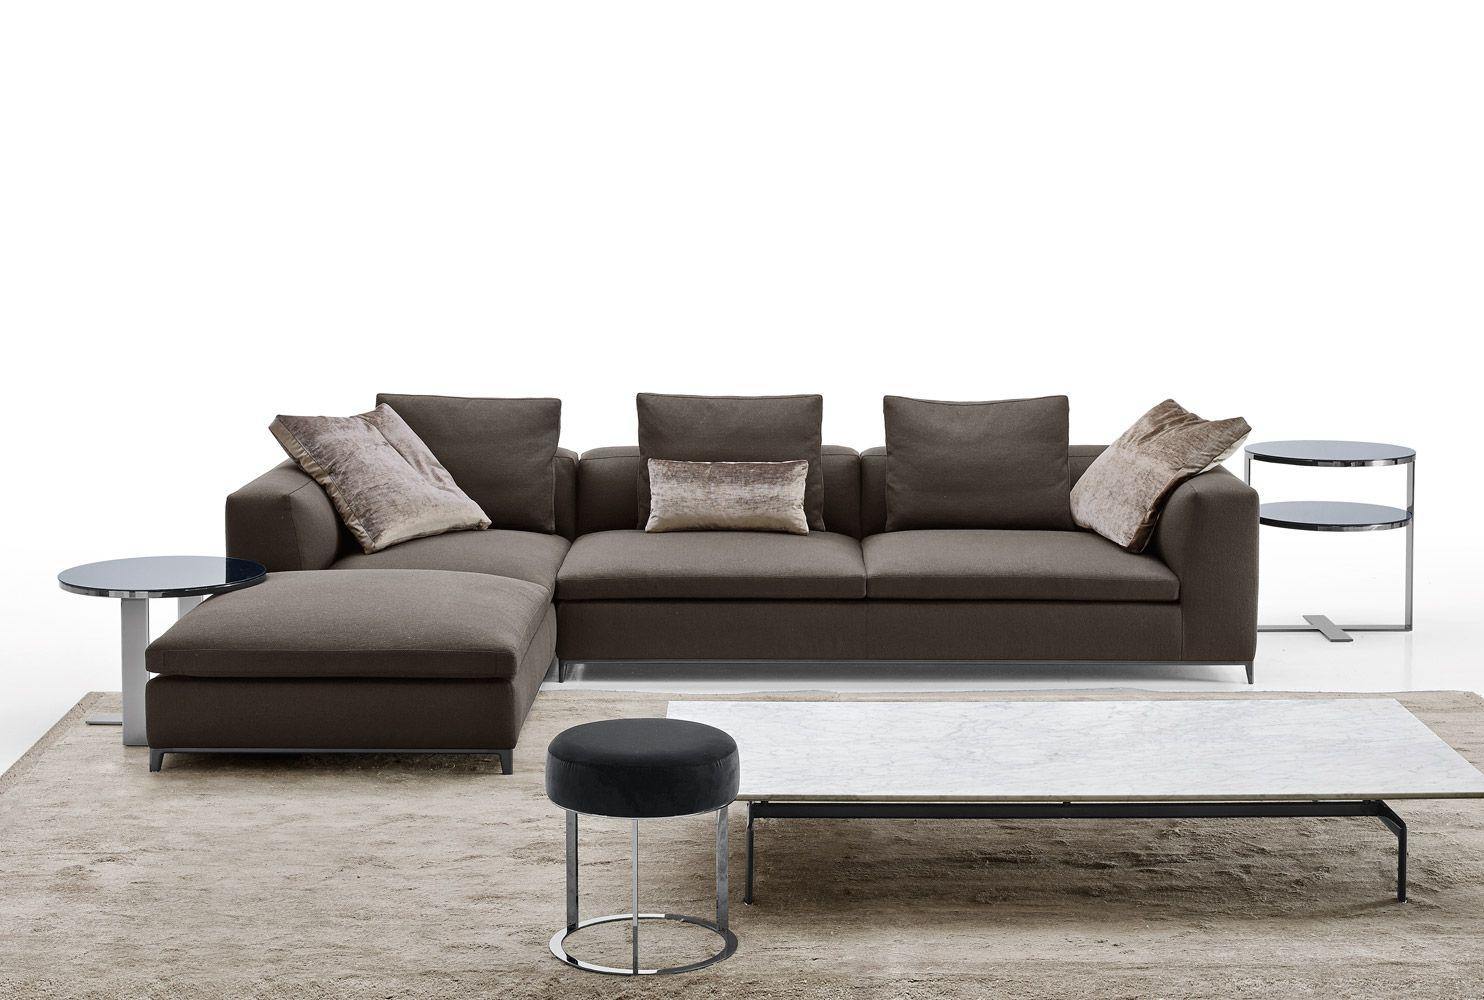 Sofa michel club collection b b italia design for B b divani italia